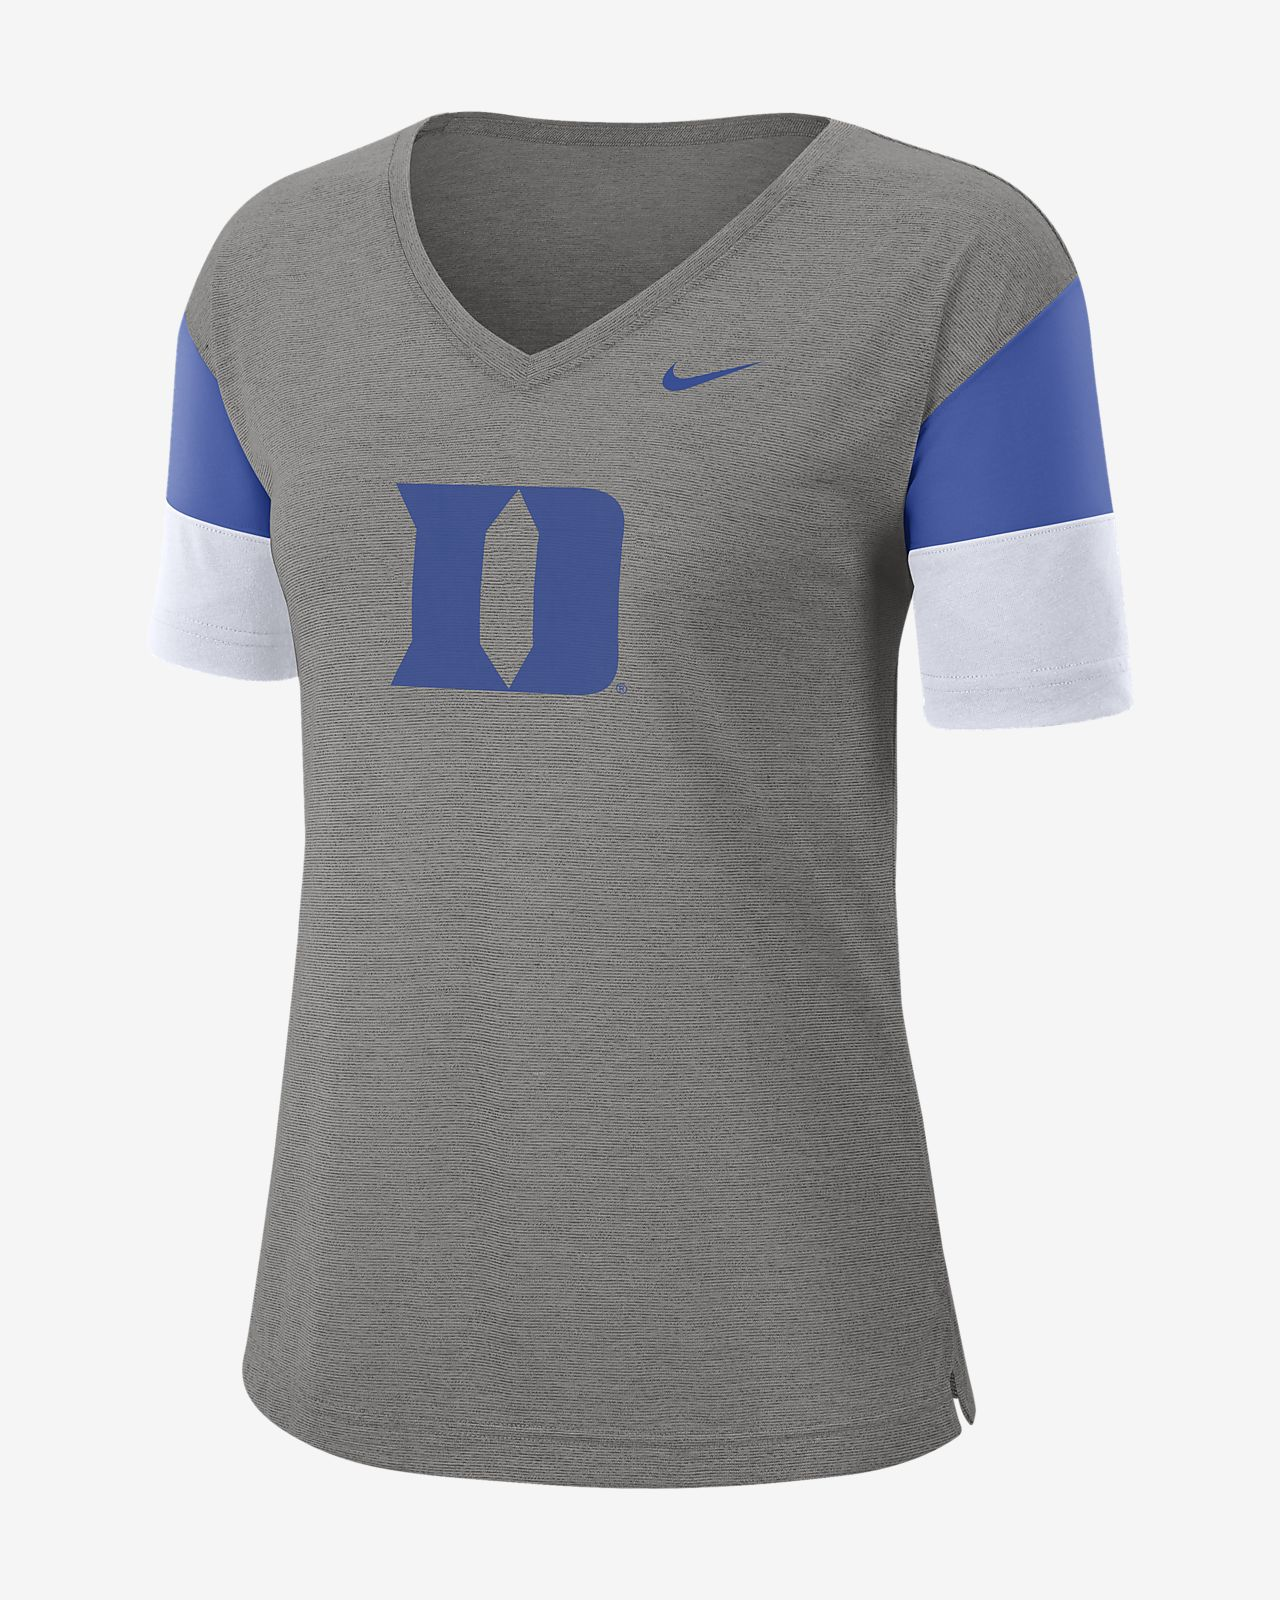 Nike College Breathe (Duke) Women's Short-Sleeve V-Neck Top